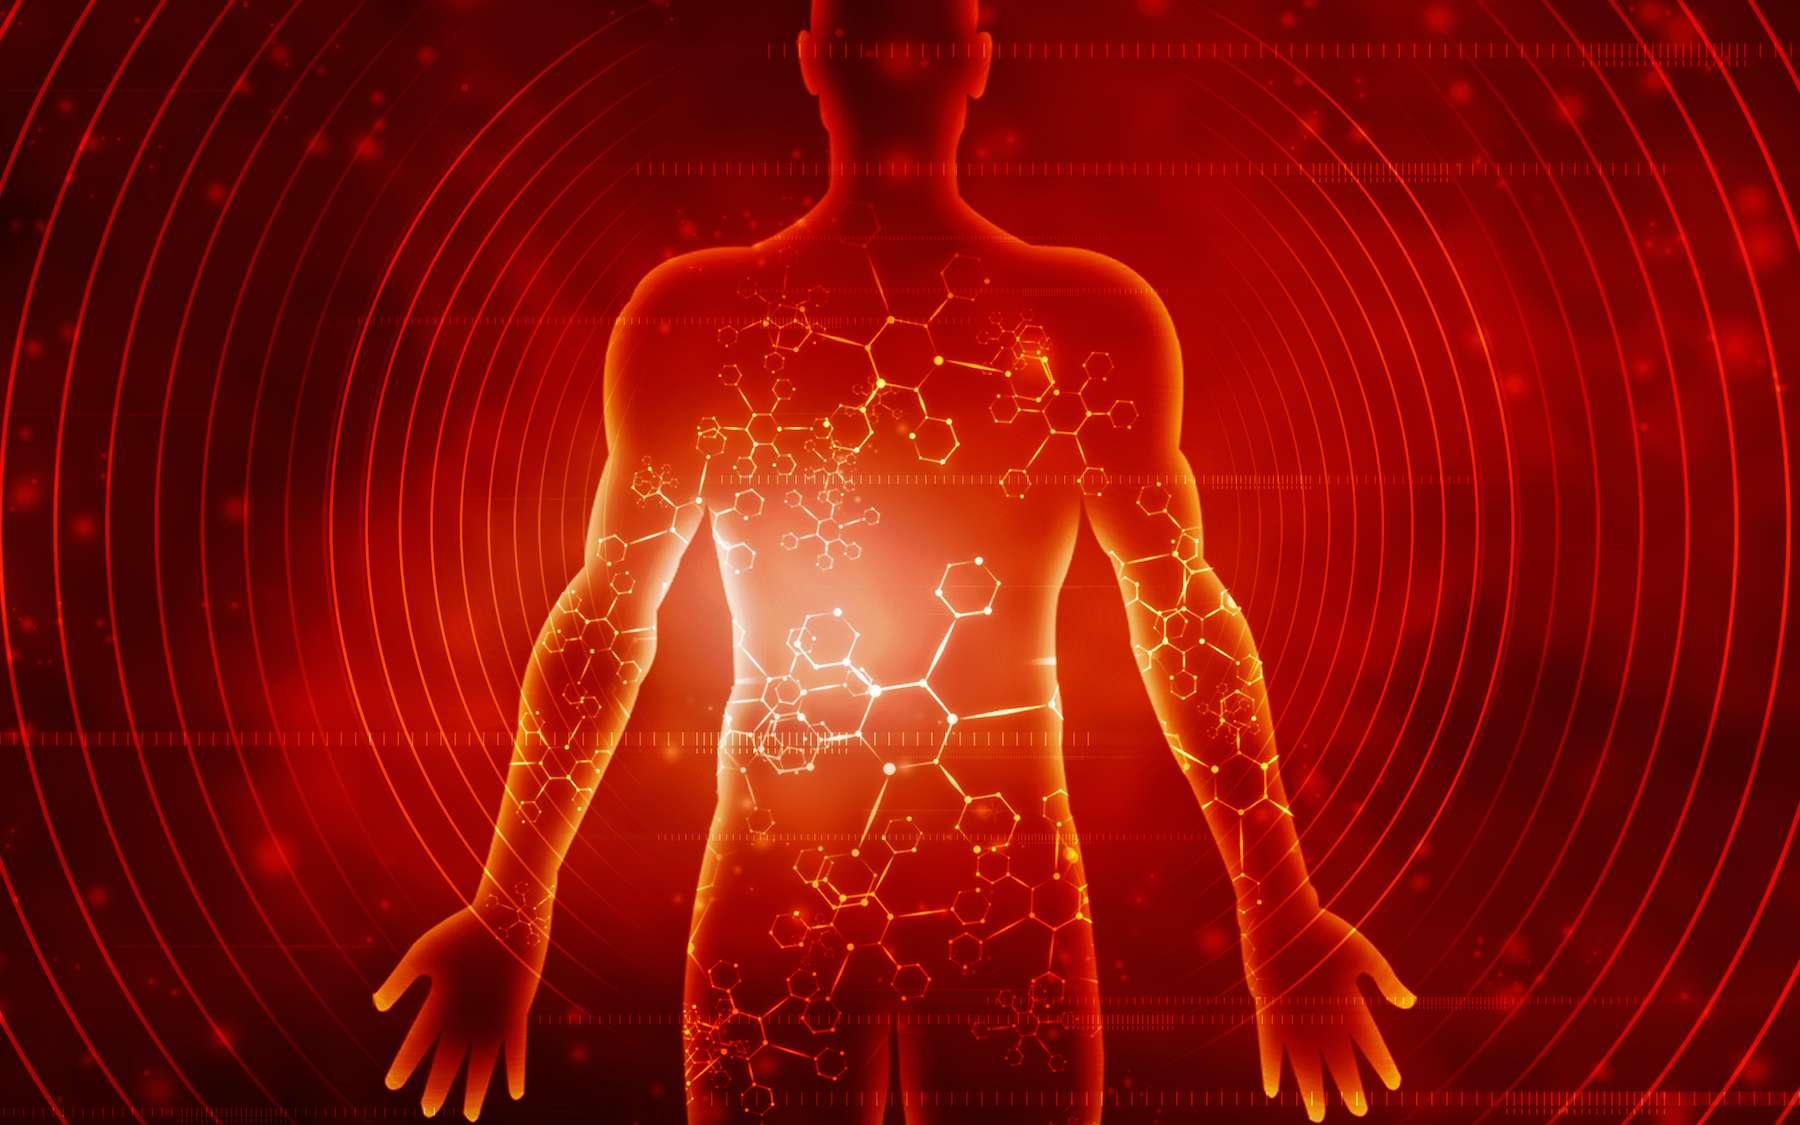 La surréaction du système immunitaire ne serait en cause que dans une minorité de cas dans les formes graves de Covid-19. © jijomathai, Adobe Stock